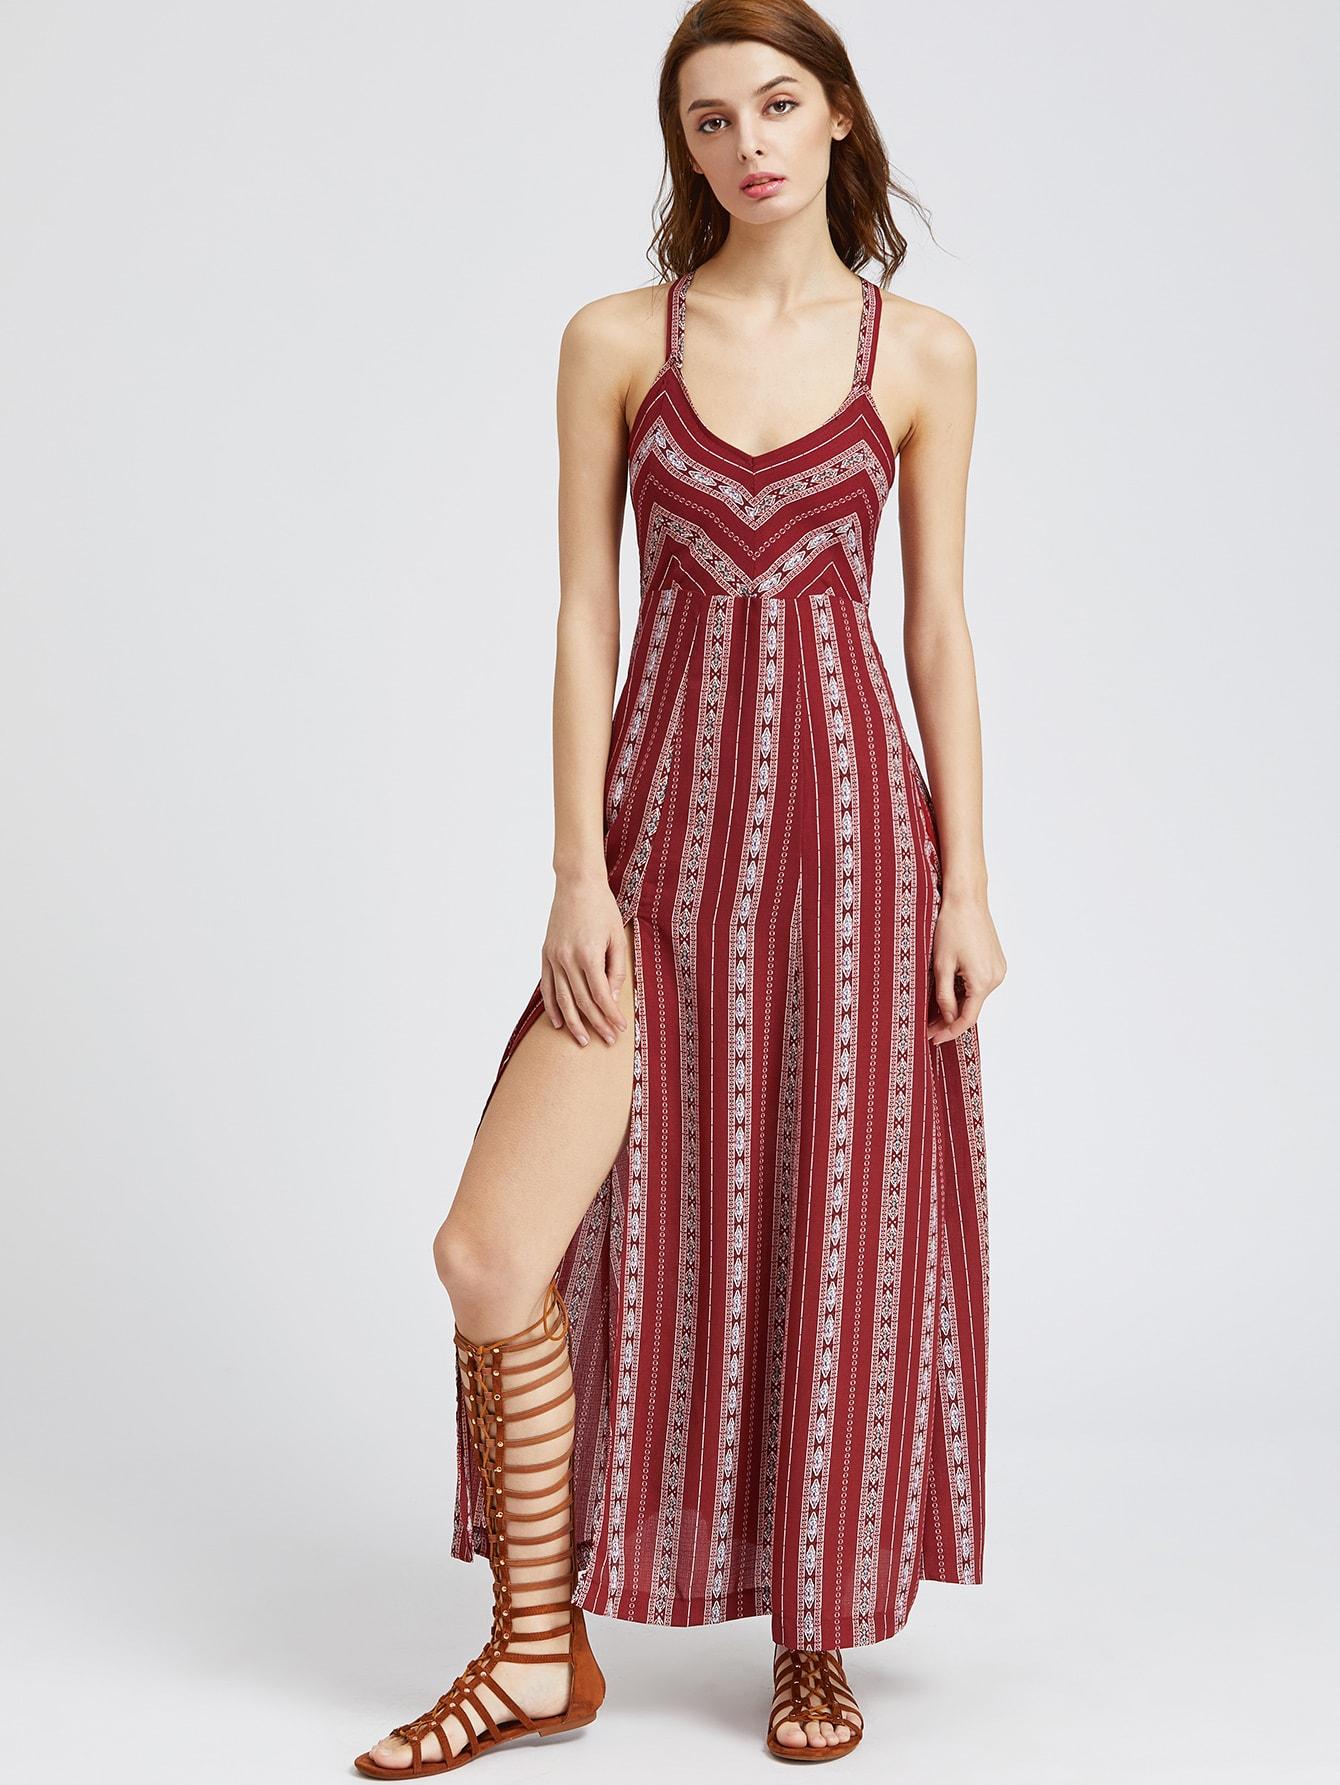 dress170320452_2